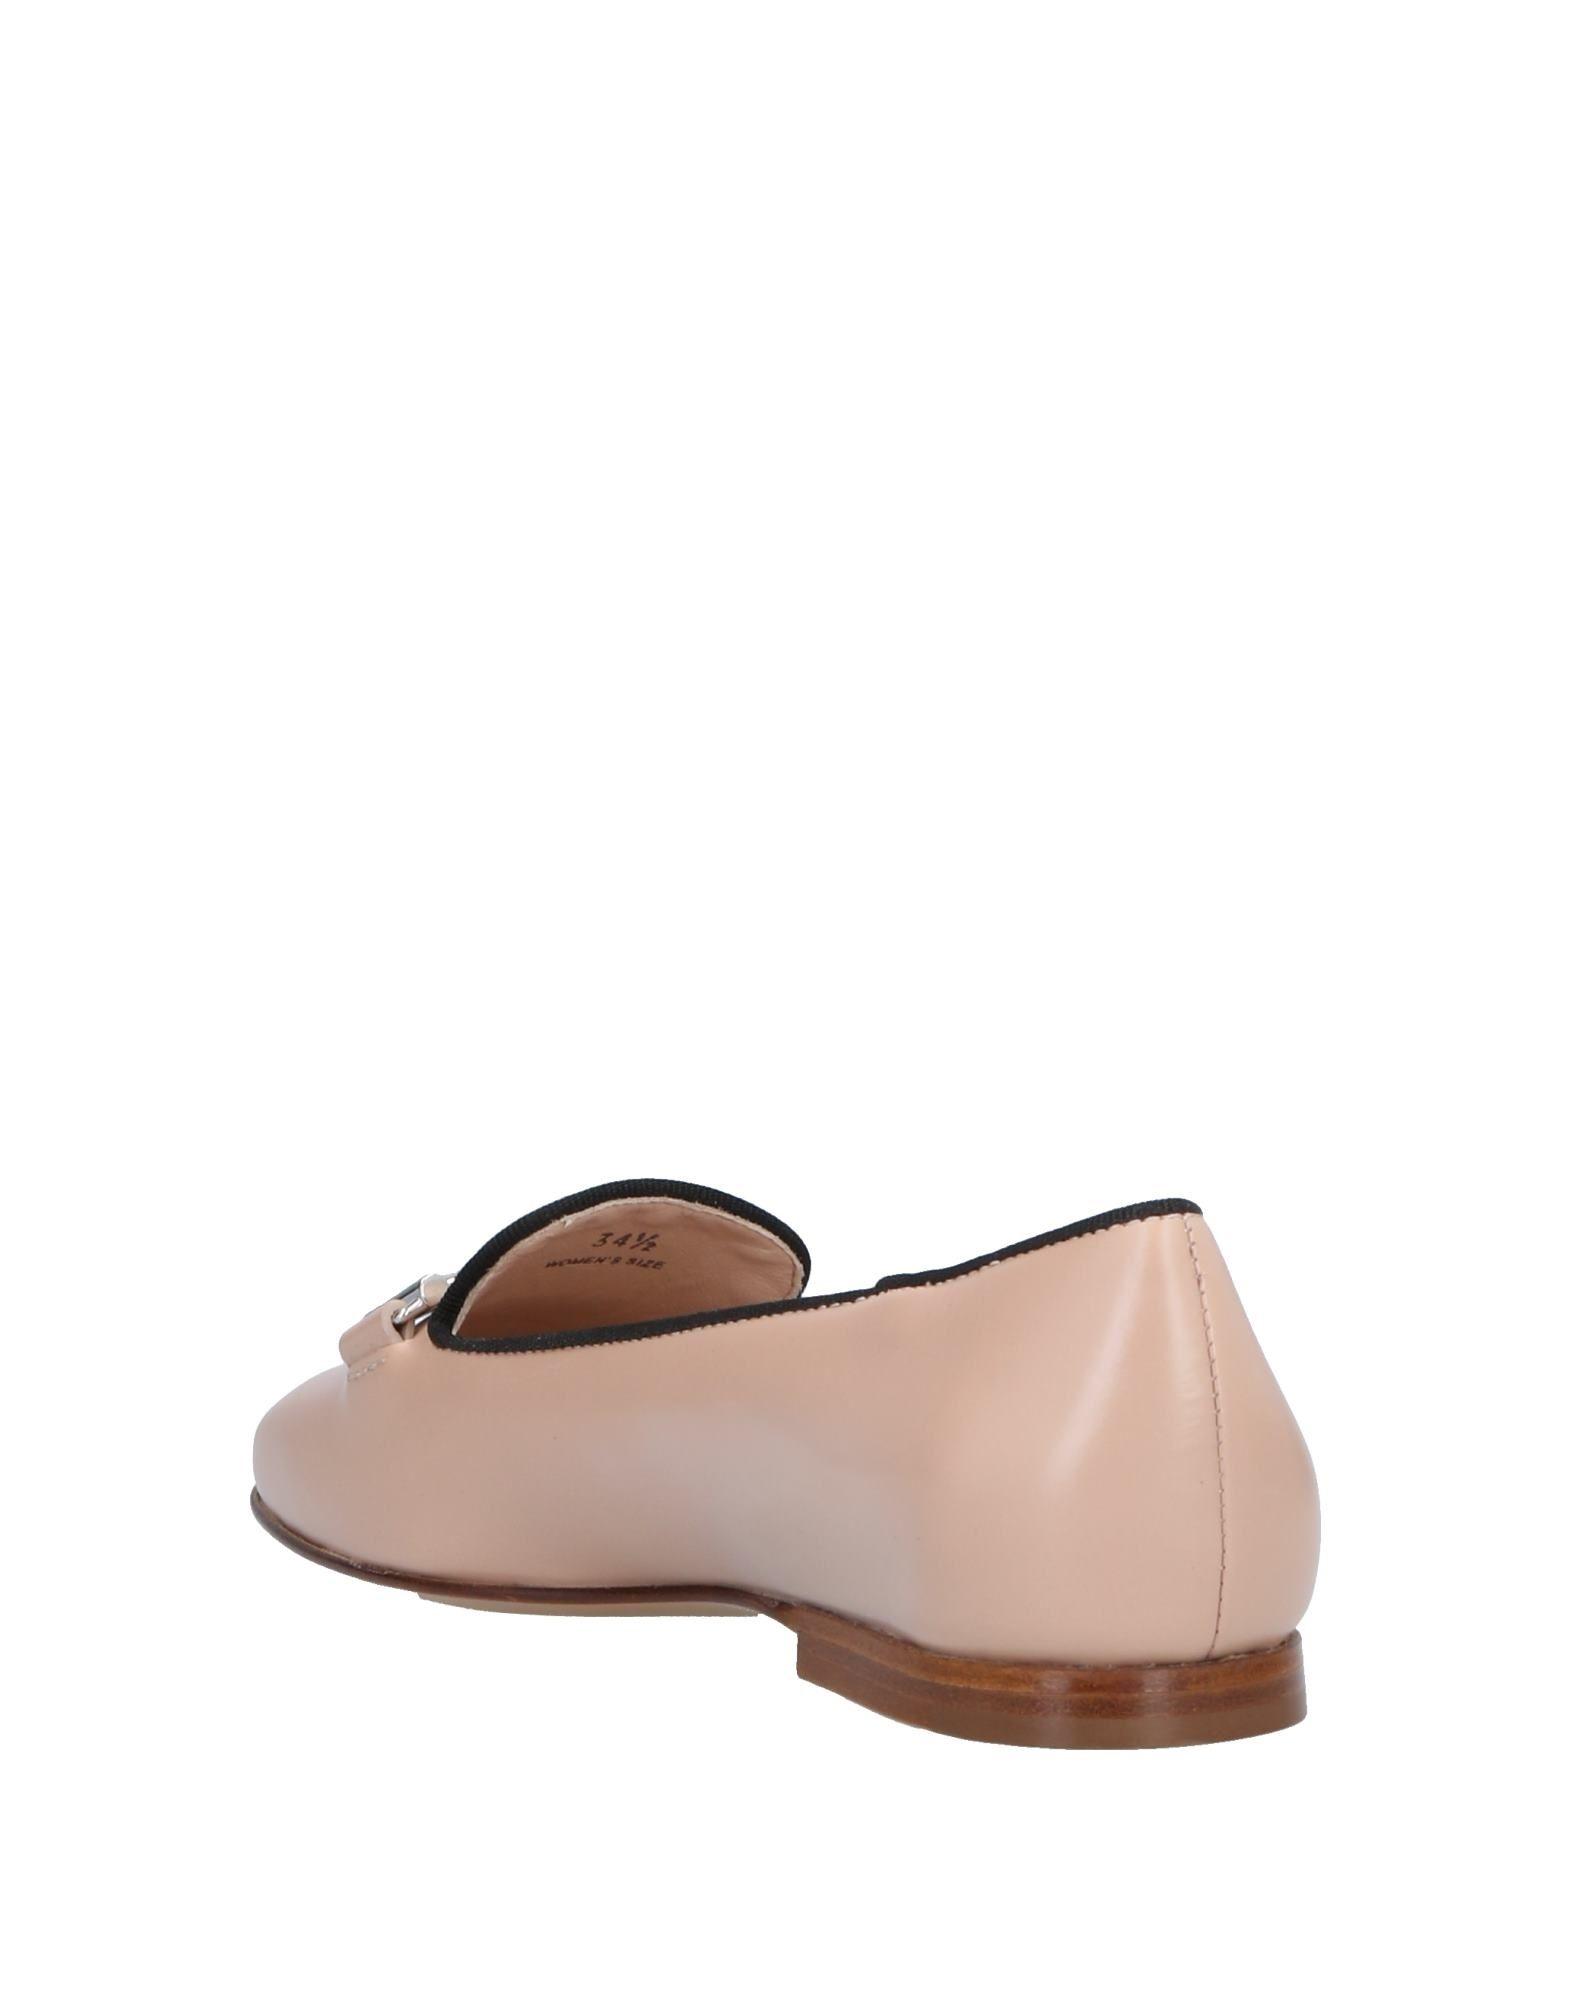 Tod's Mokassins Damen  11543950IUGünstige Schuhe gut aussehende Schuhe 11543950IUGünstige c0bef7